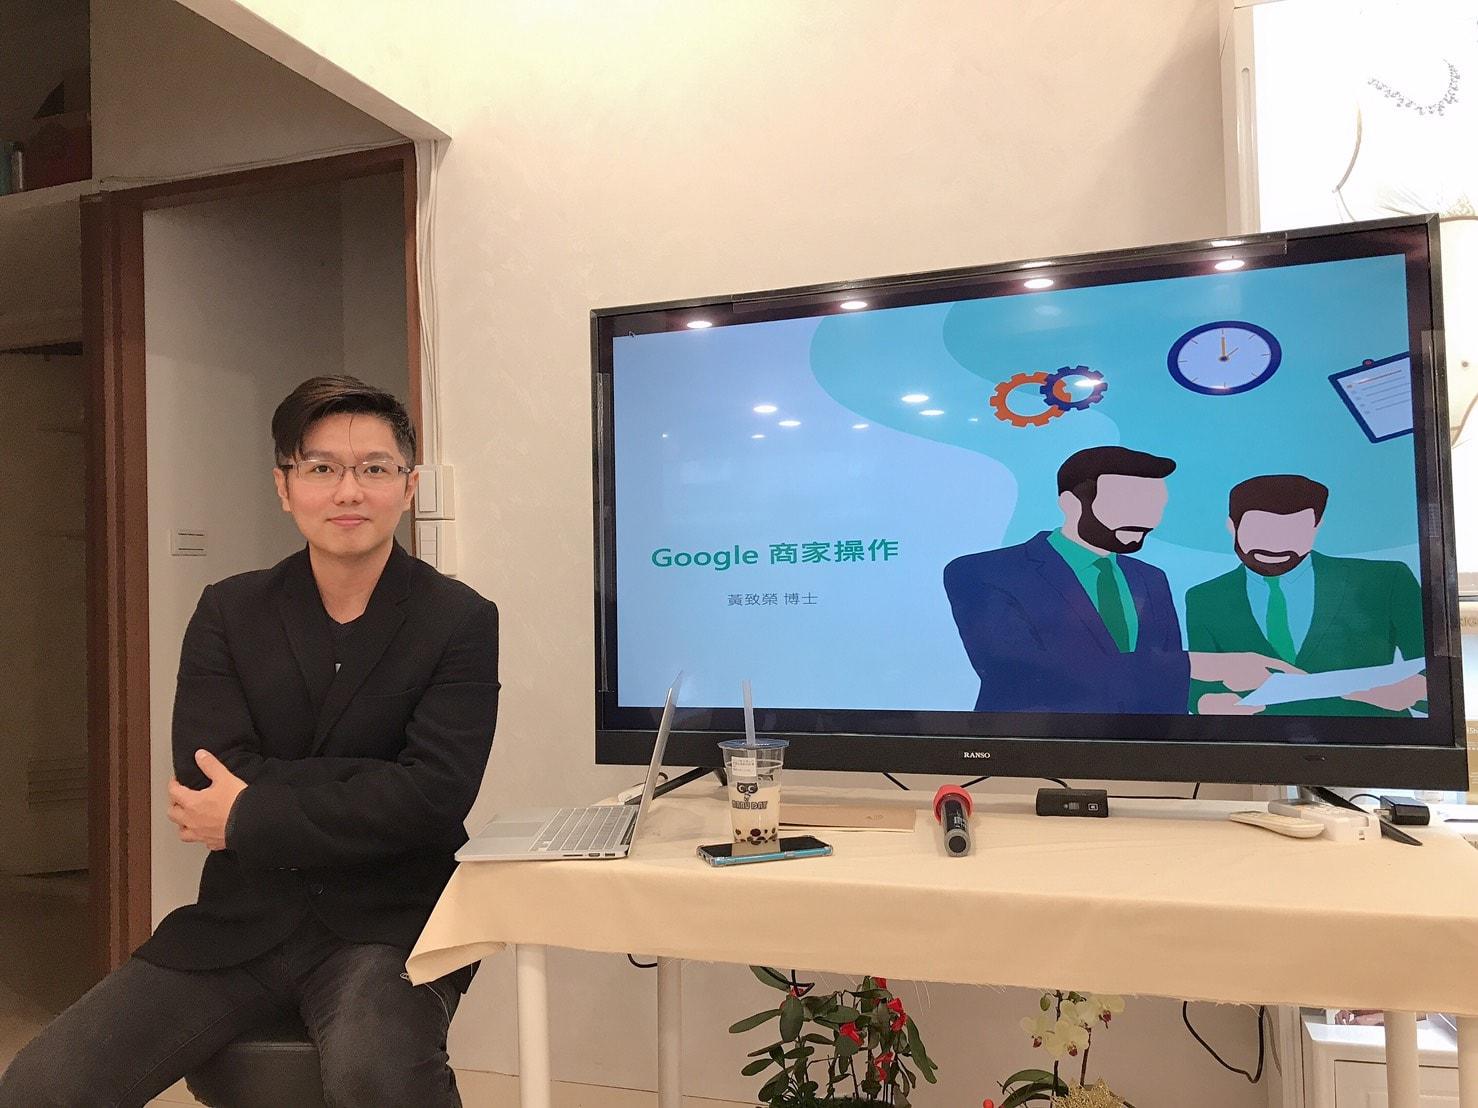 Google商家教學紀錄 在地化經營的起手式